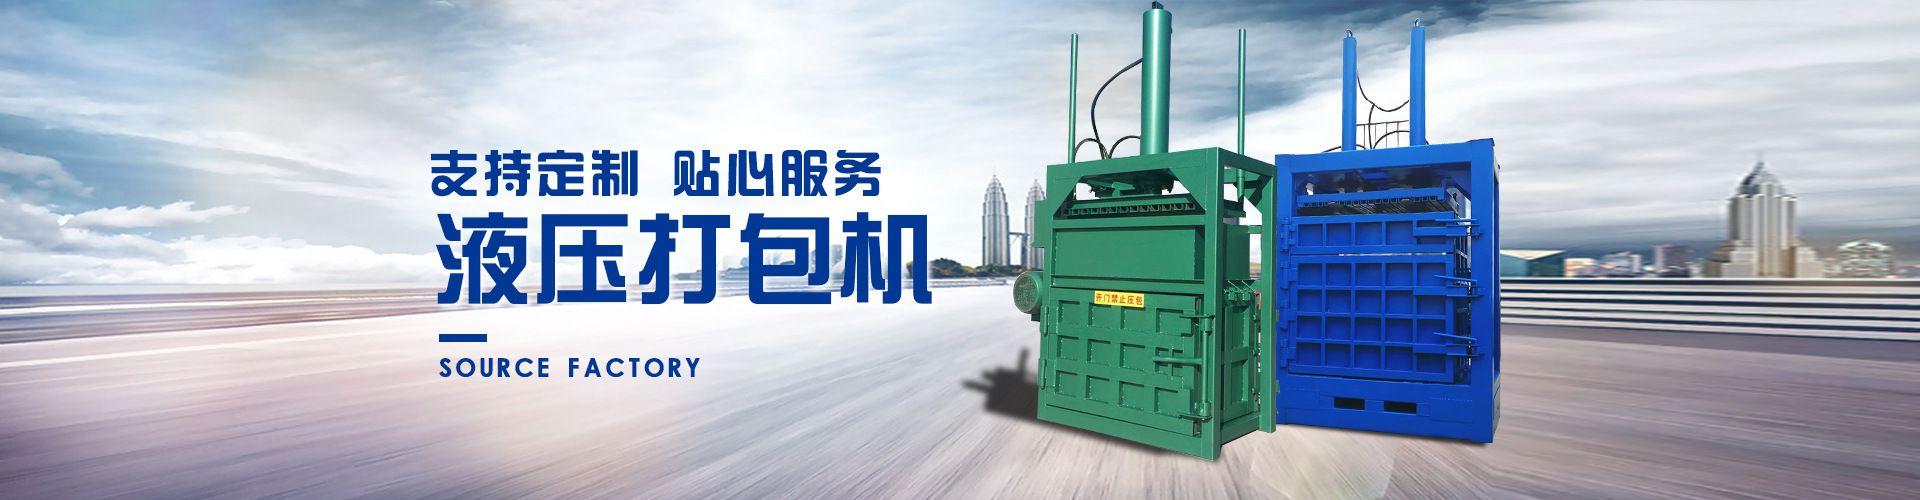 曲阜市佳鑫机械设备有限公司